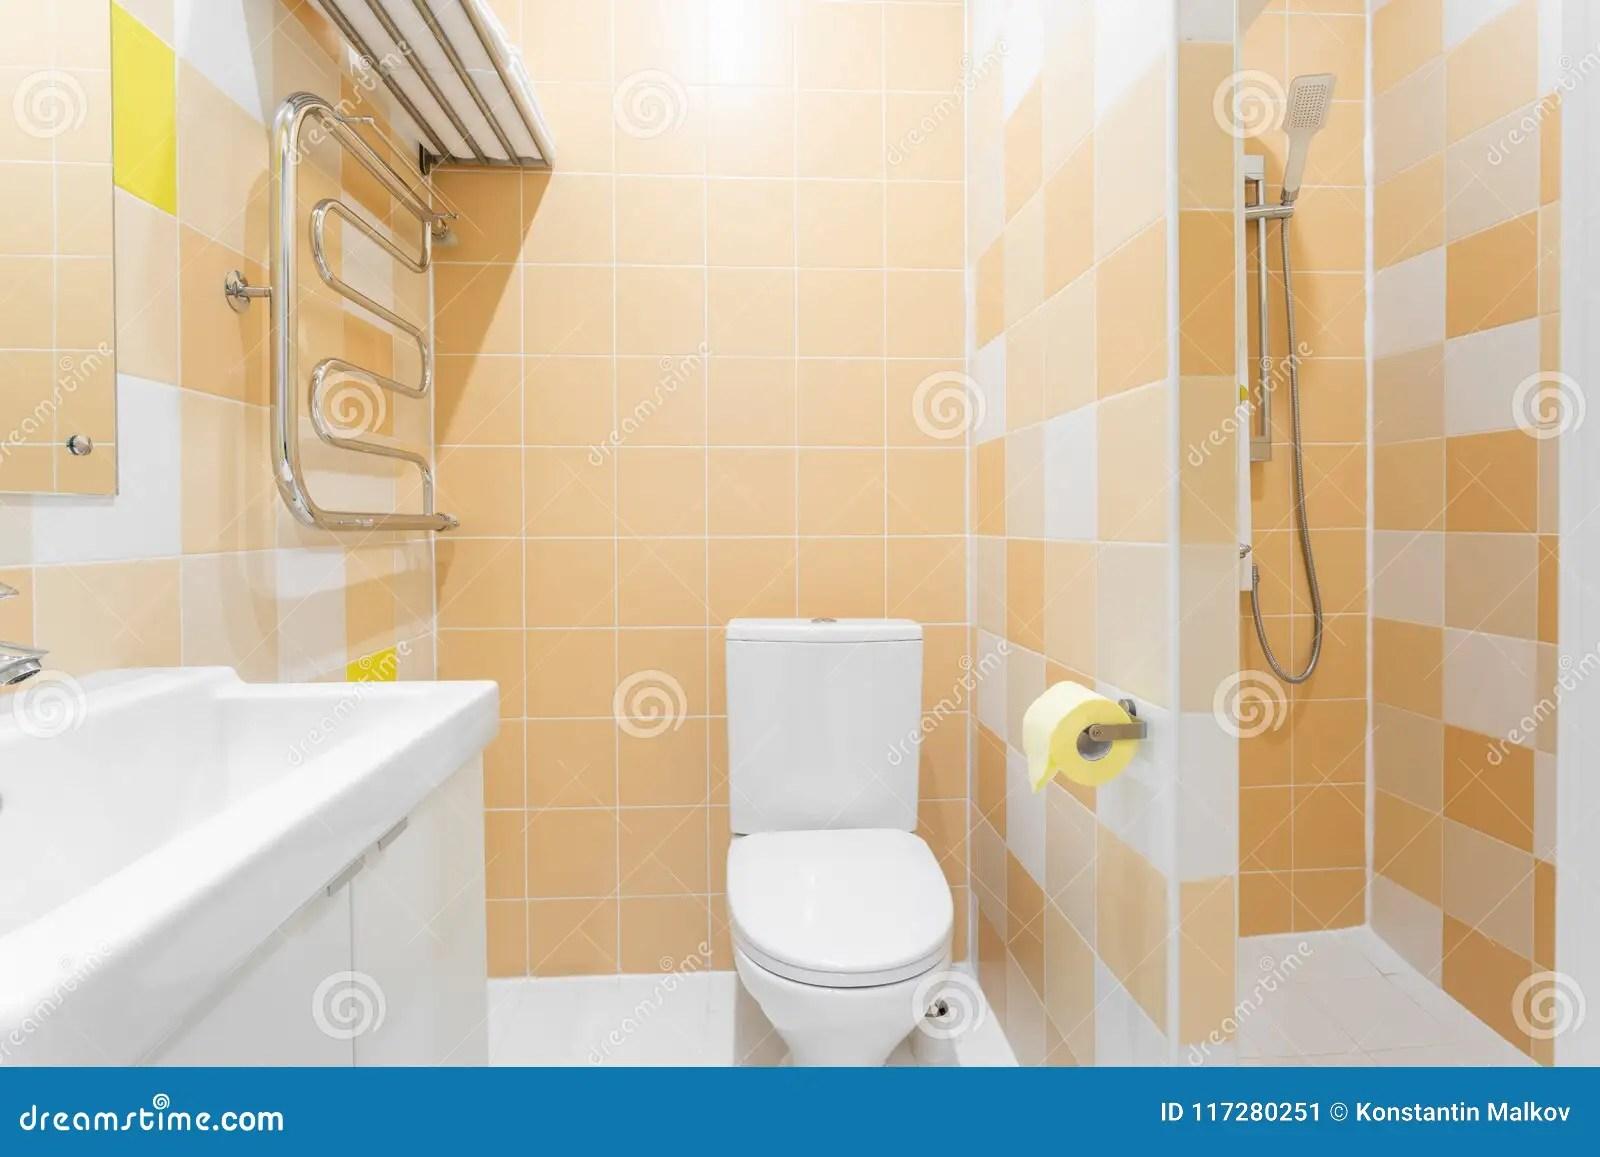 Toilette Camera Da Letto Camera Da Letto Con Toletta Casamia Idea